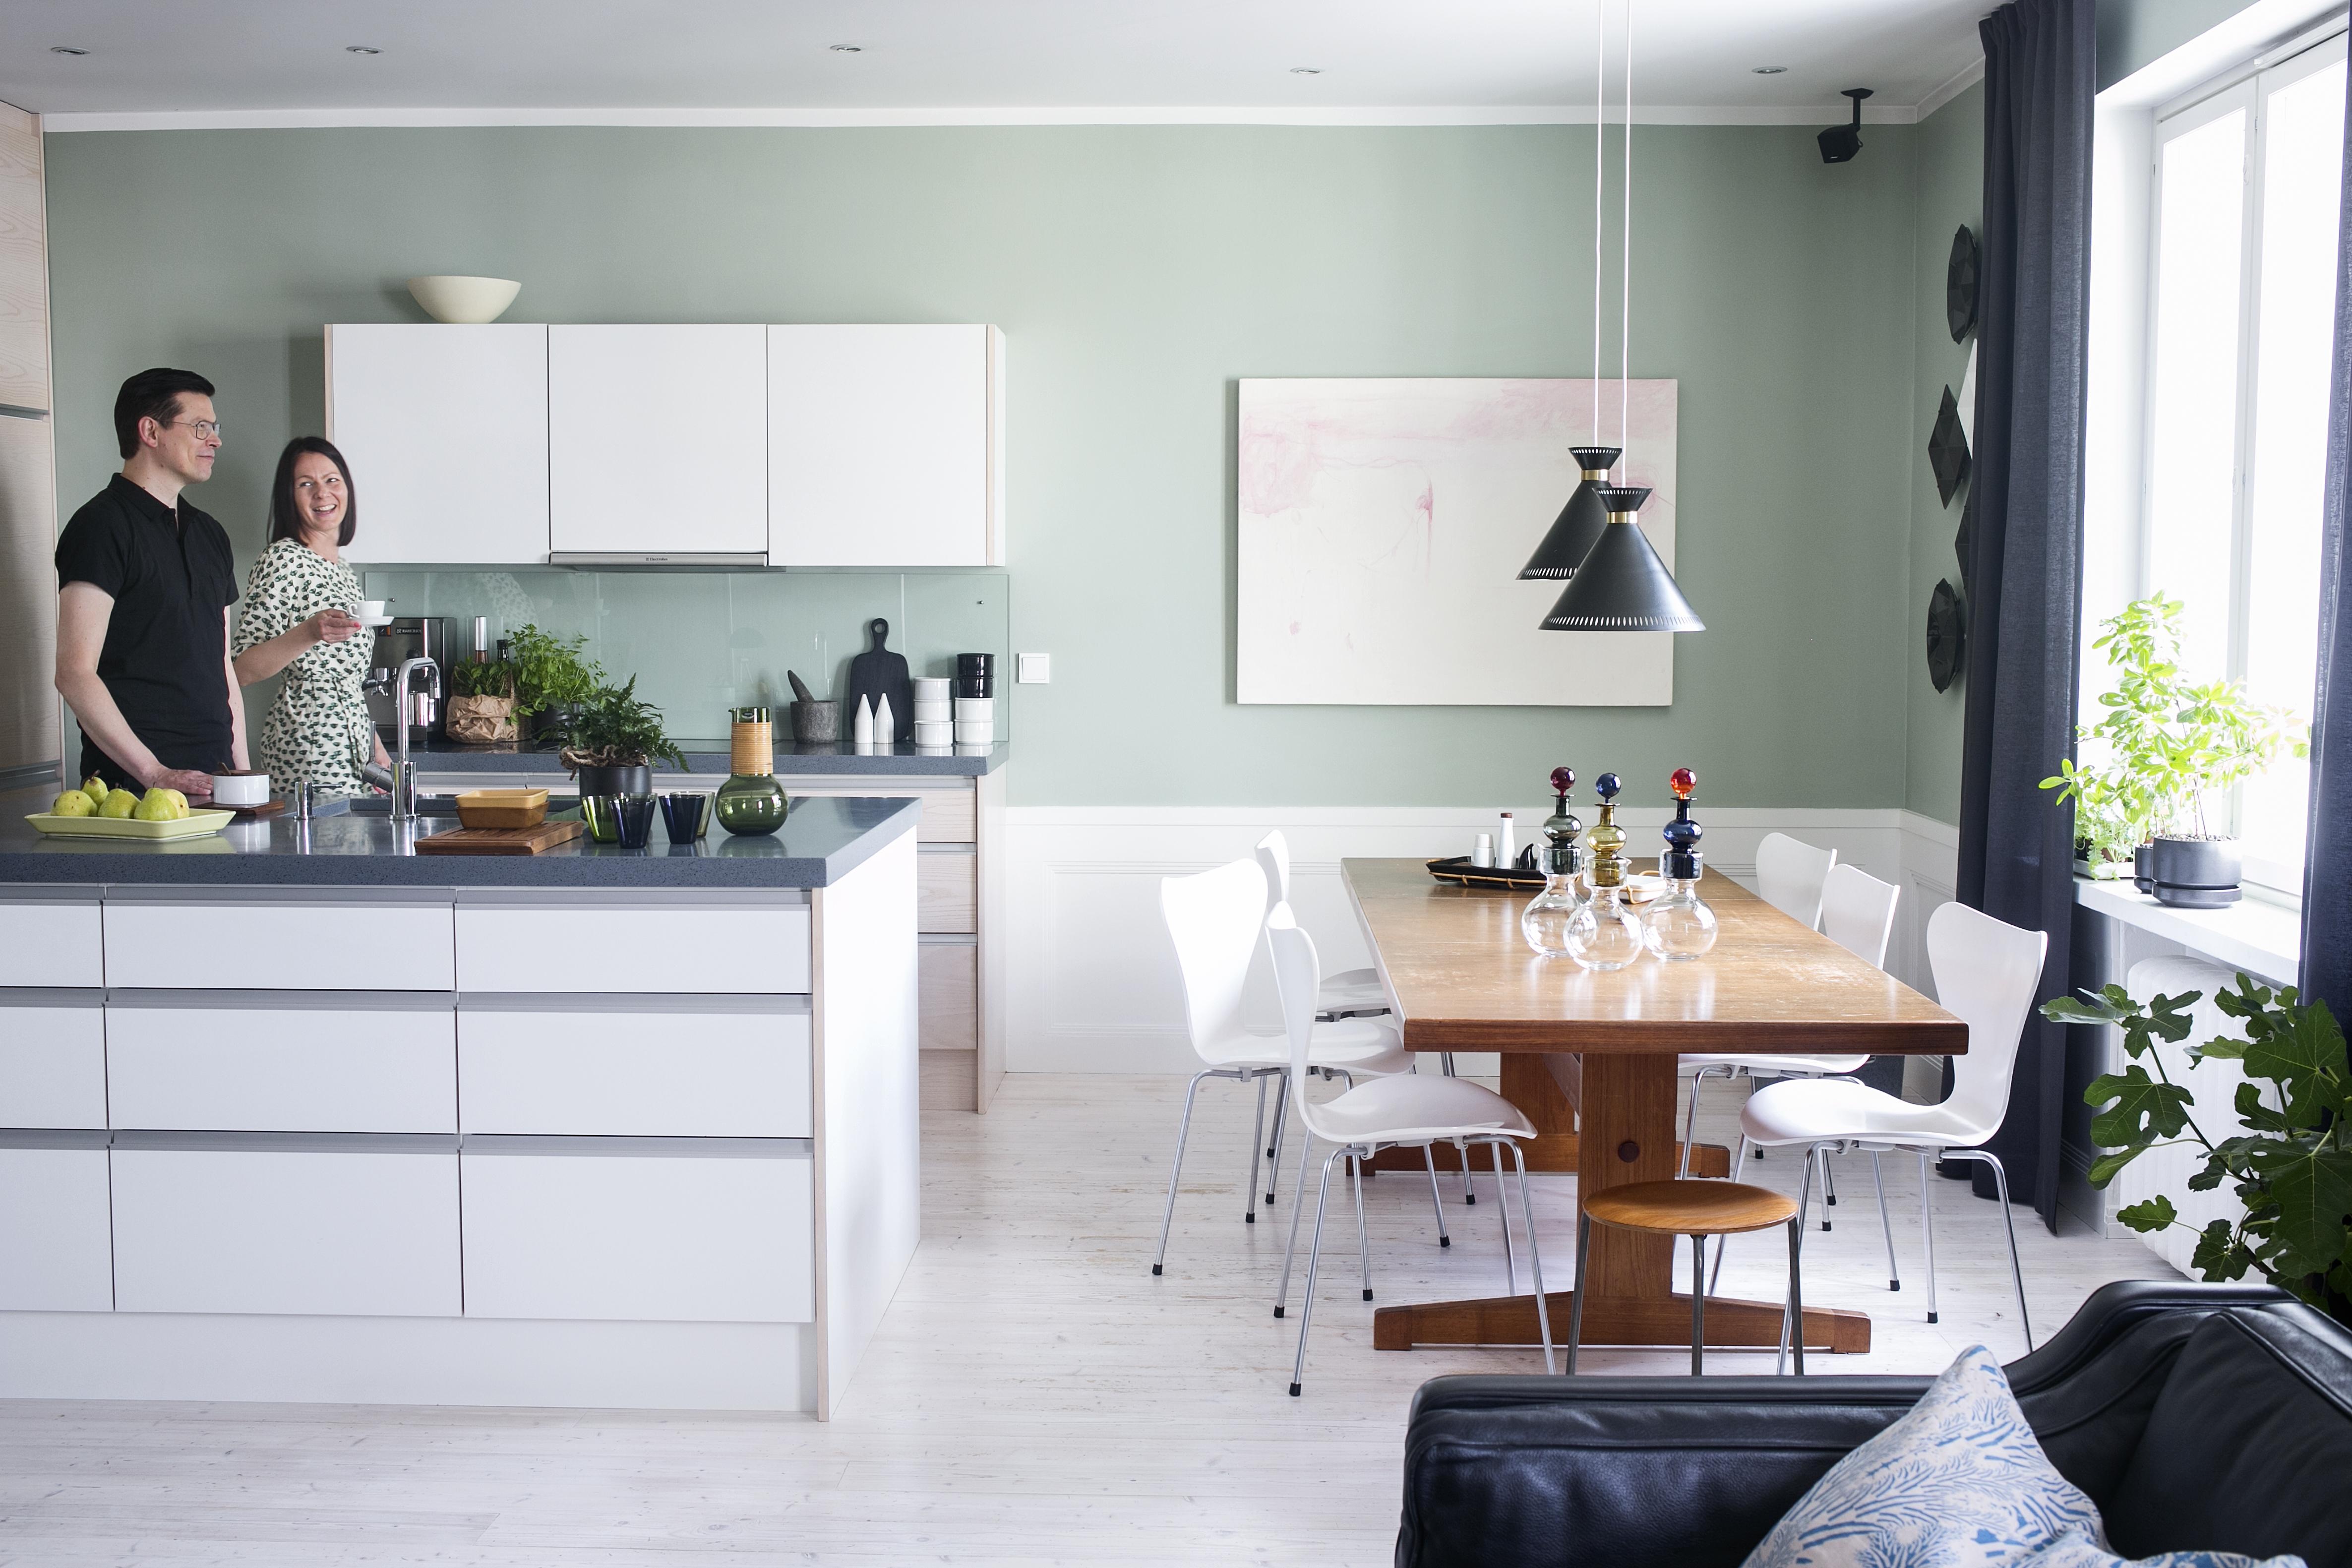 Jani keräilee astioita ja designlasia − koko perhe saa käyttää isän ...